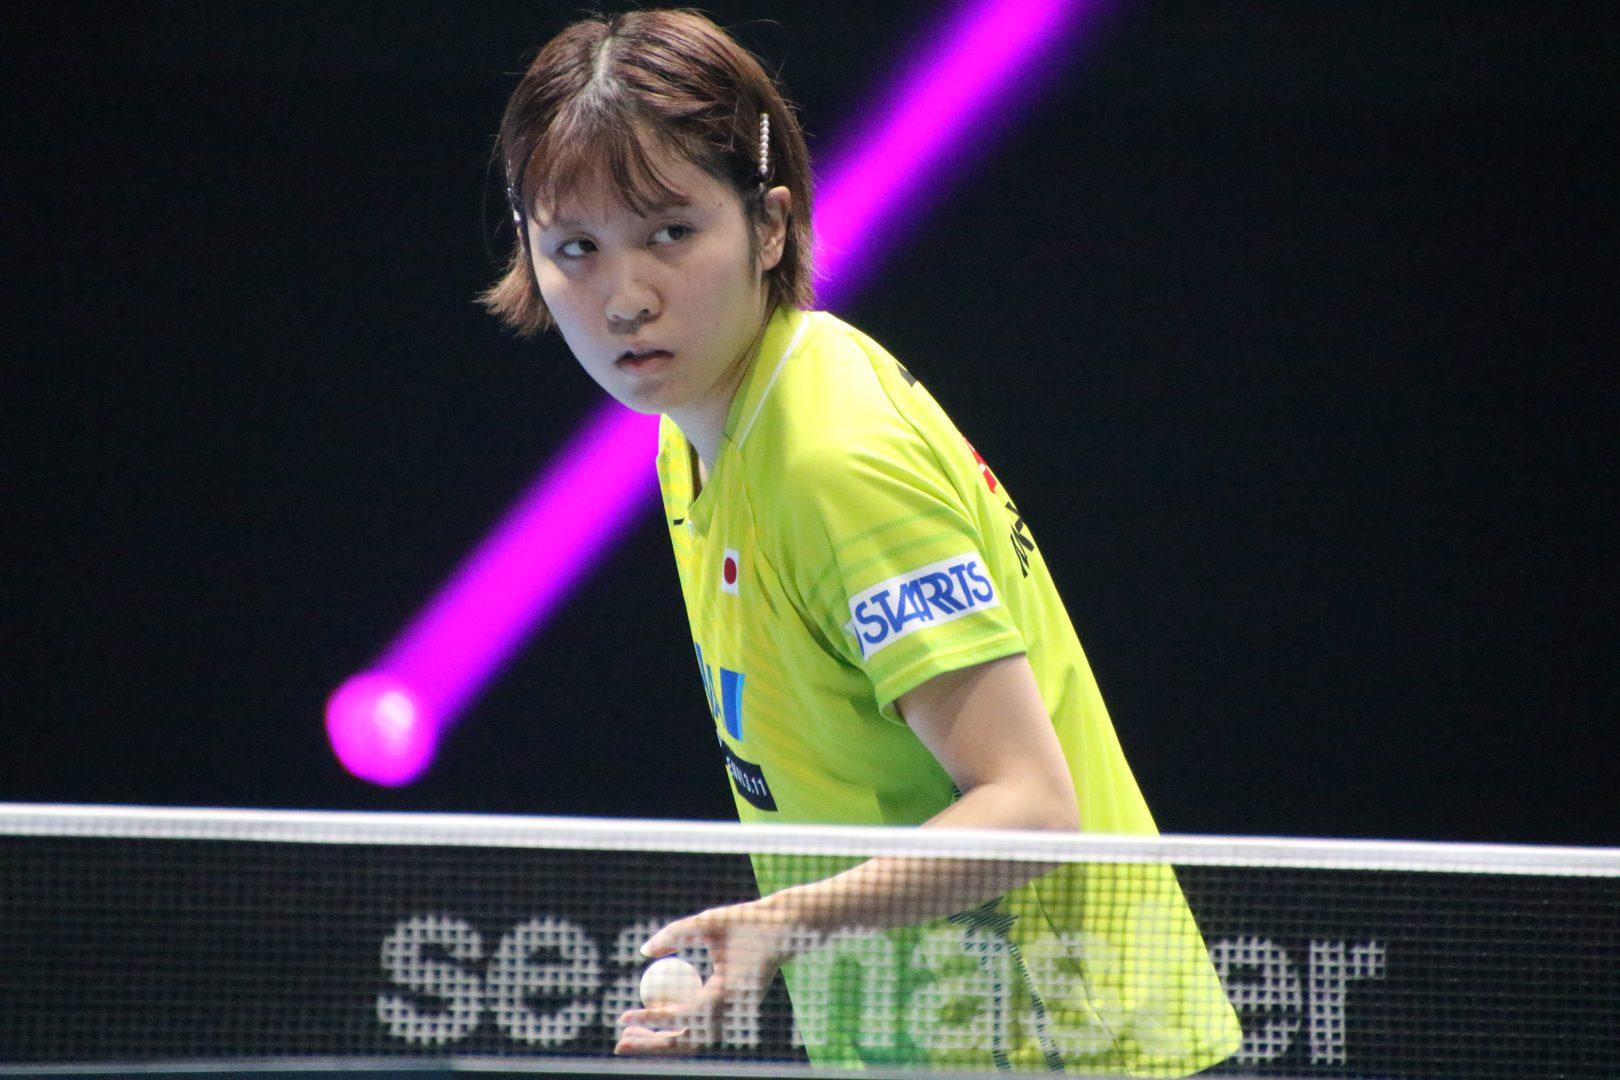 平野美宇「自分のプレーができなかった」 韓国選手に惜敗<卓球・T2ダイヤモンド>